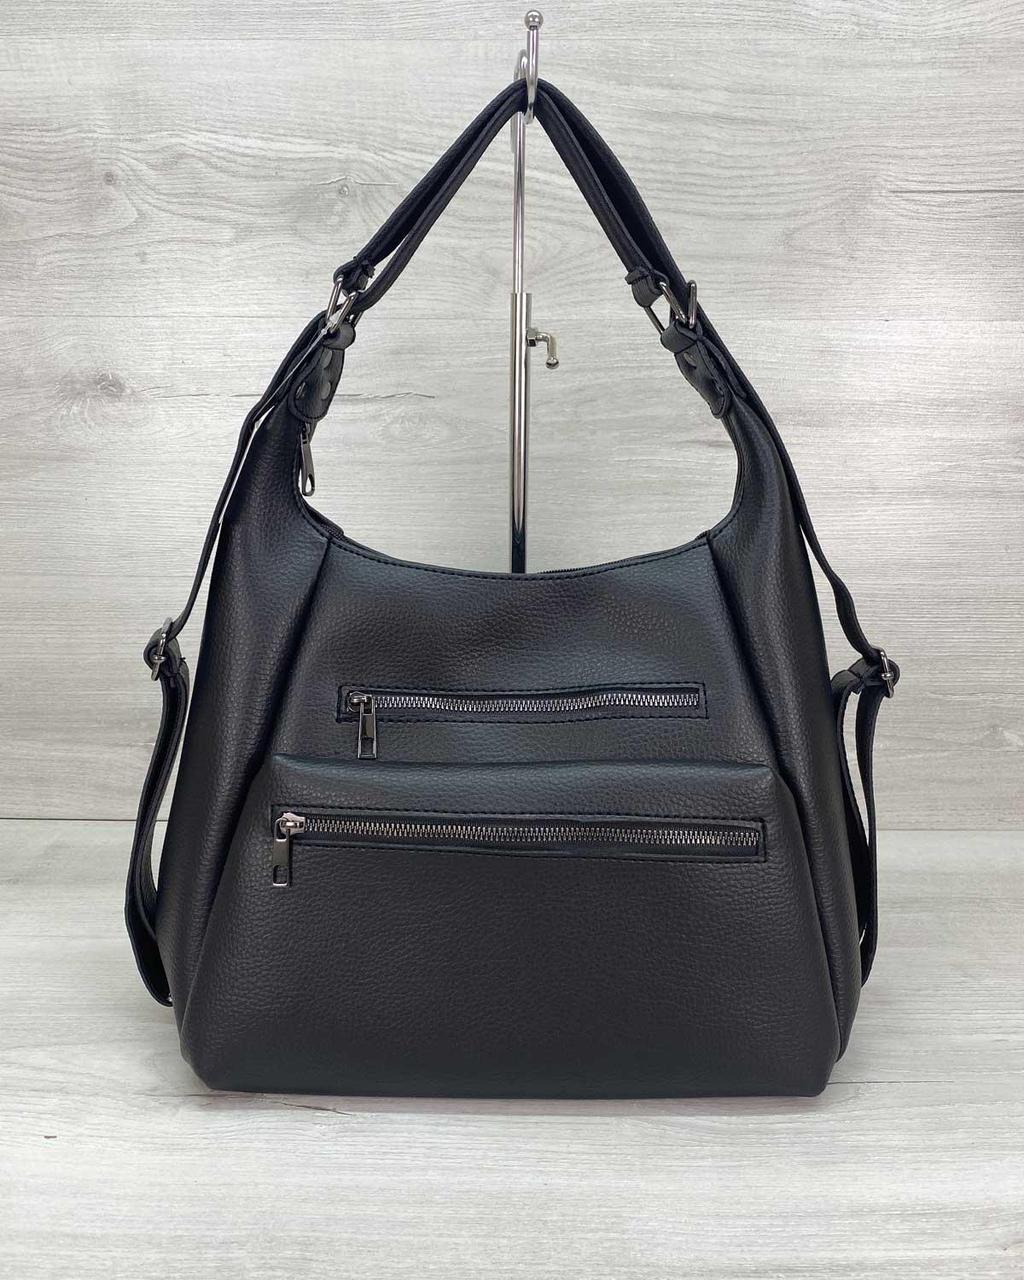 Жіноча сумка рюкзак WeLassie «Голді» чорний 59304